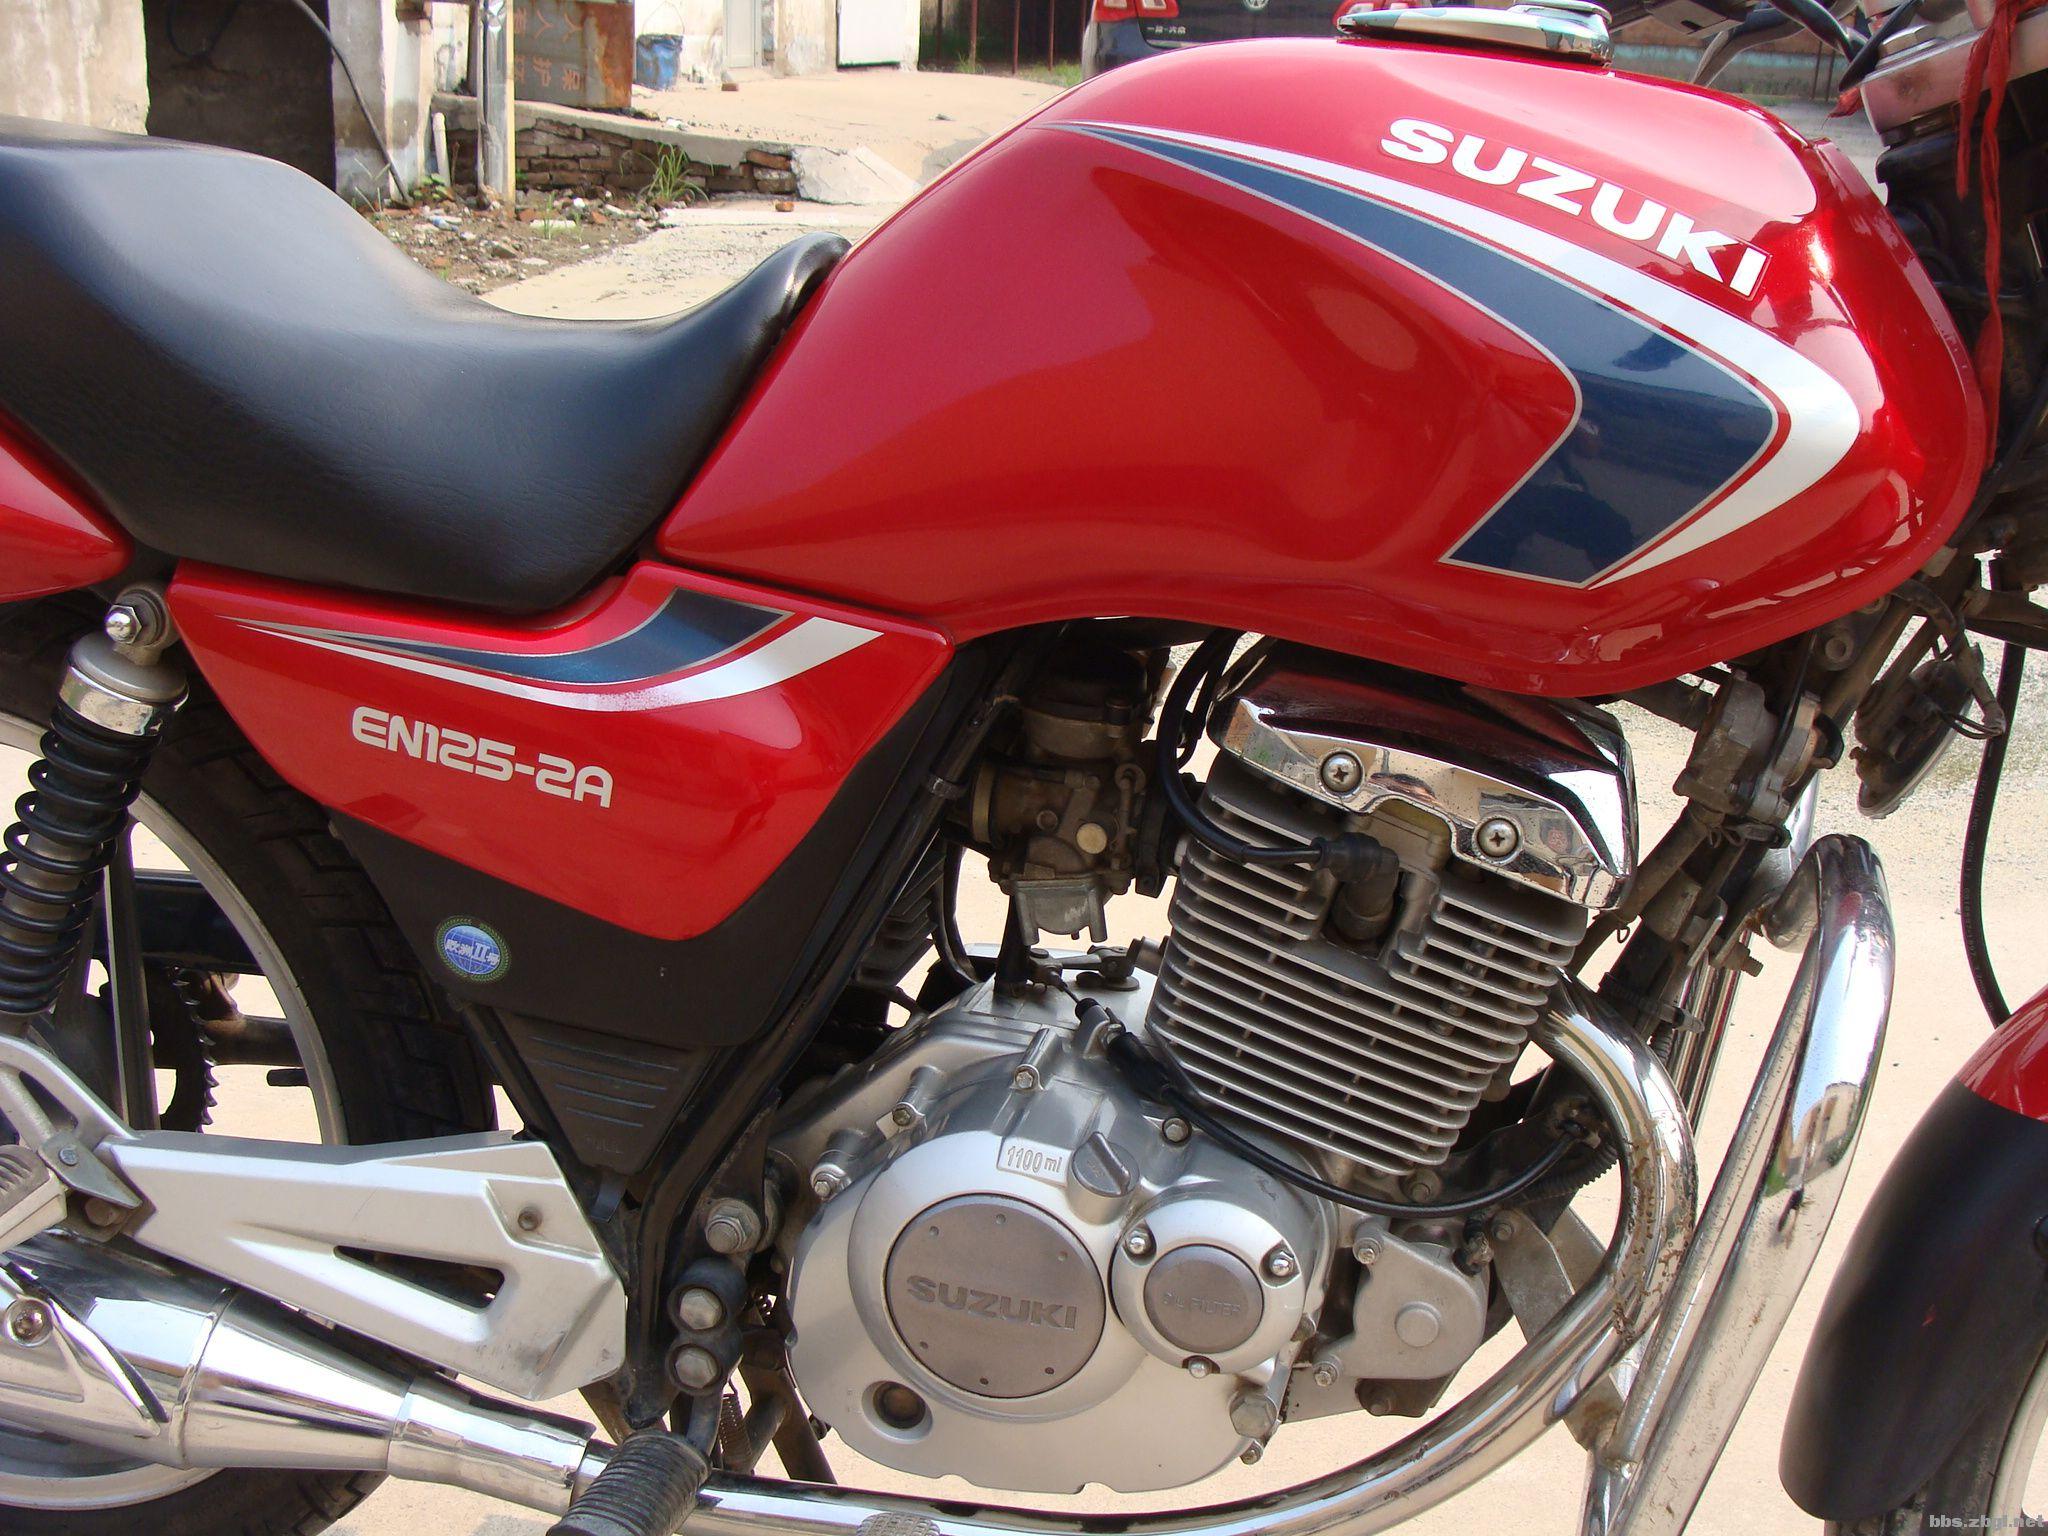 心爱坐骑豪爵铃木en125-2a摩托车